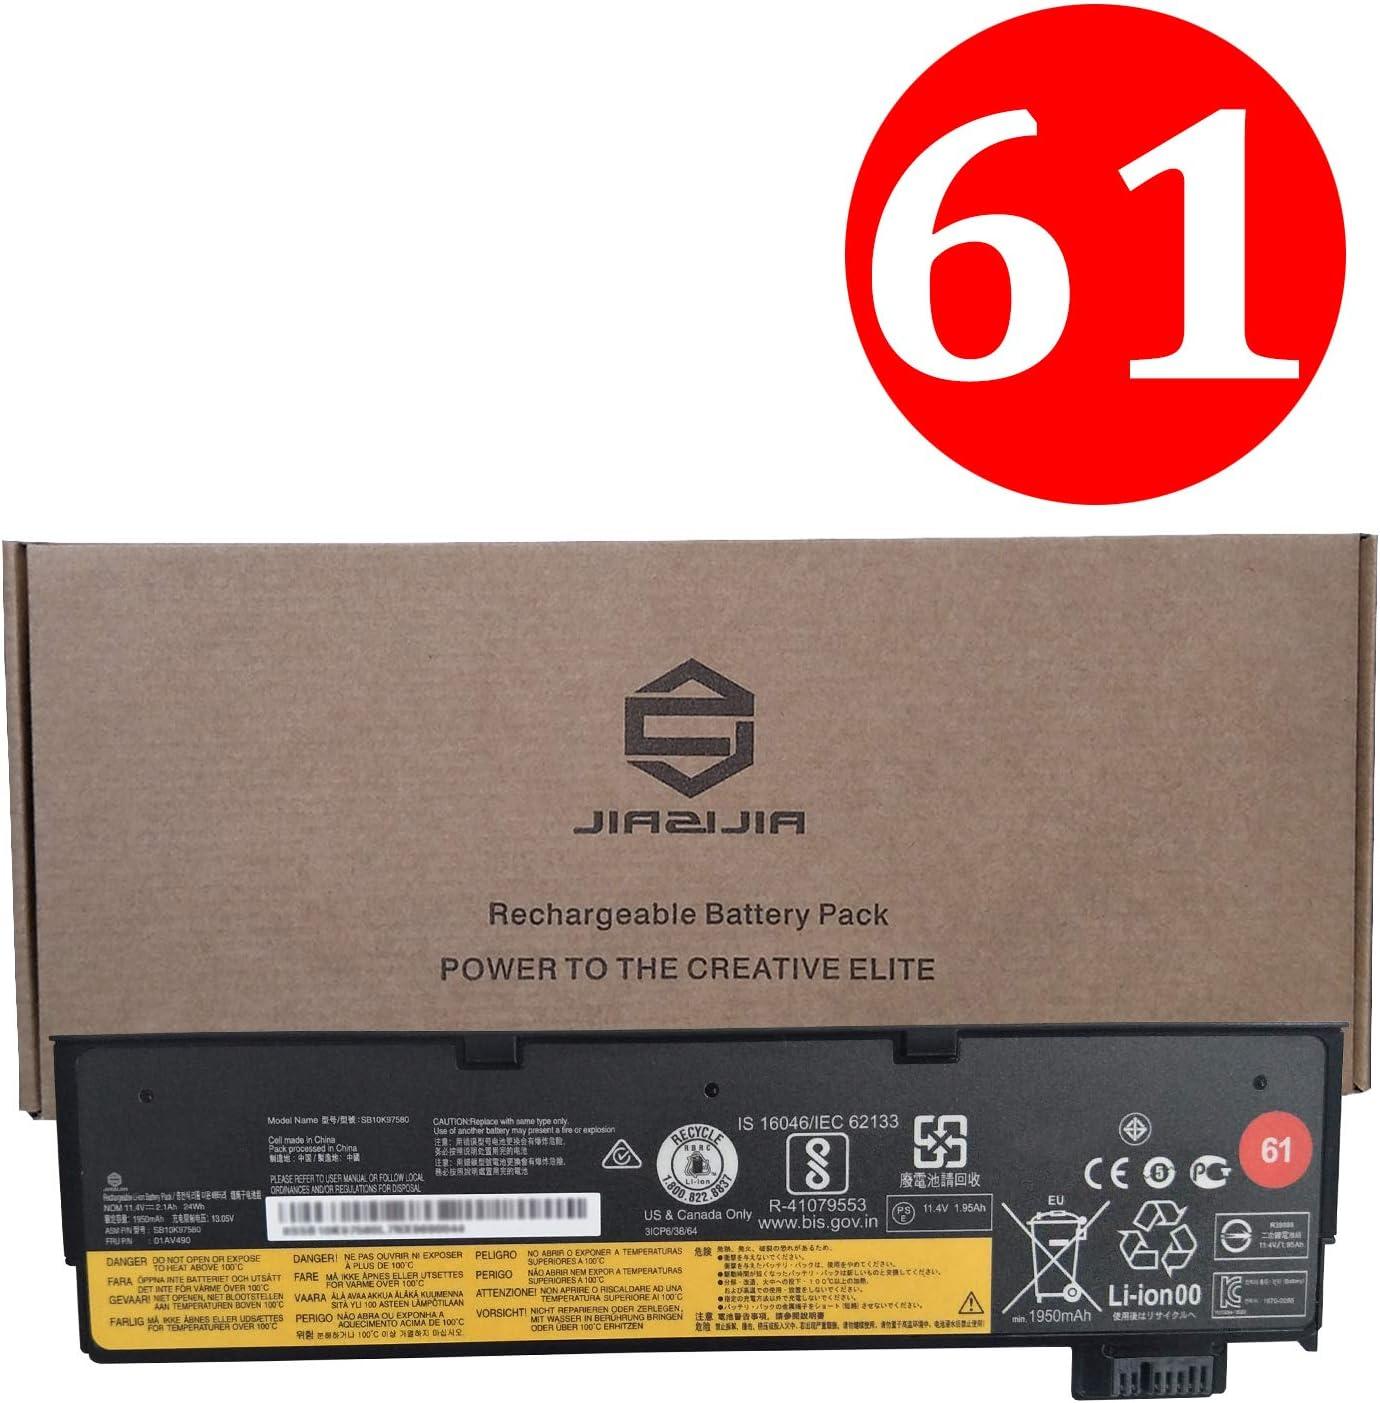 JIAZIJIA 01AV490 Laptop Battery Replacement for Lenovo ThinkPad T470 T570 T480 T580 A475 A485 P51S P52S Series SB10K97580 01AV423 4X50M08810 01AV422 SB10K97579 01AV424 SB10K97581 01AV452 11.4V 24Wh